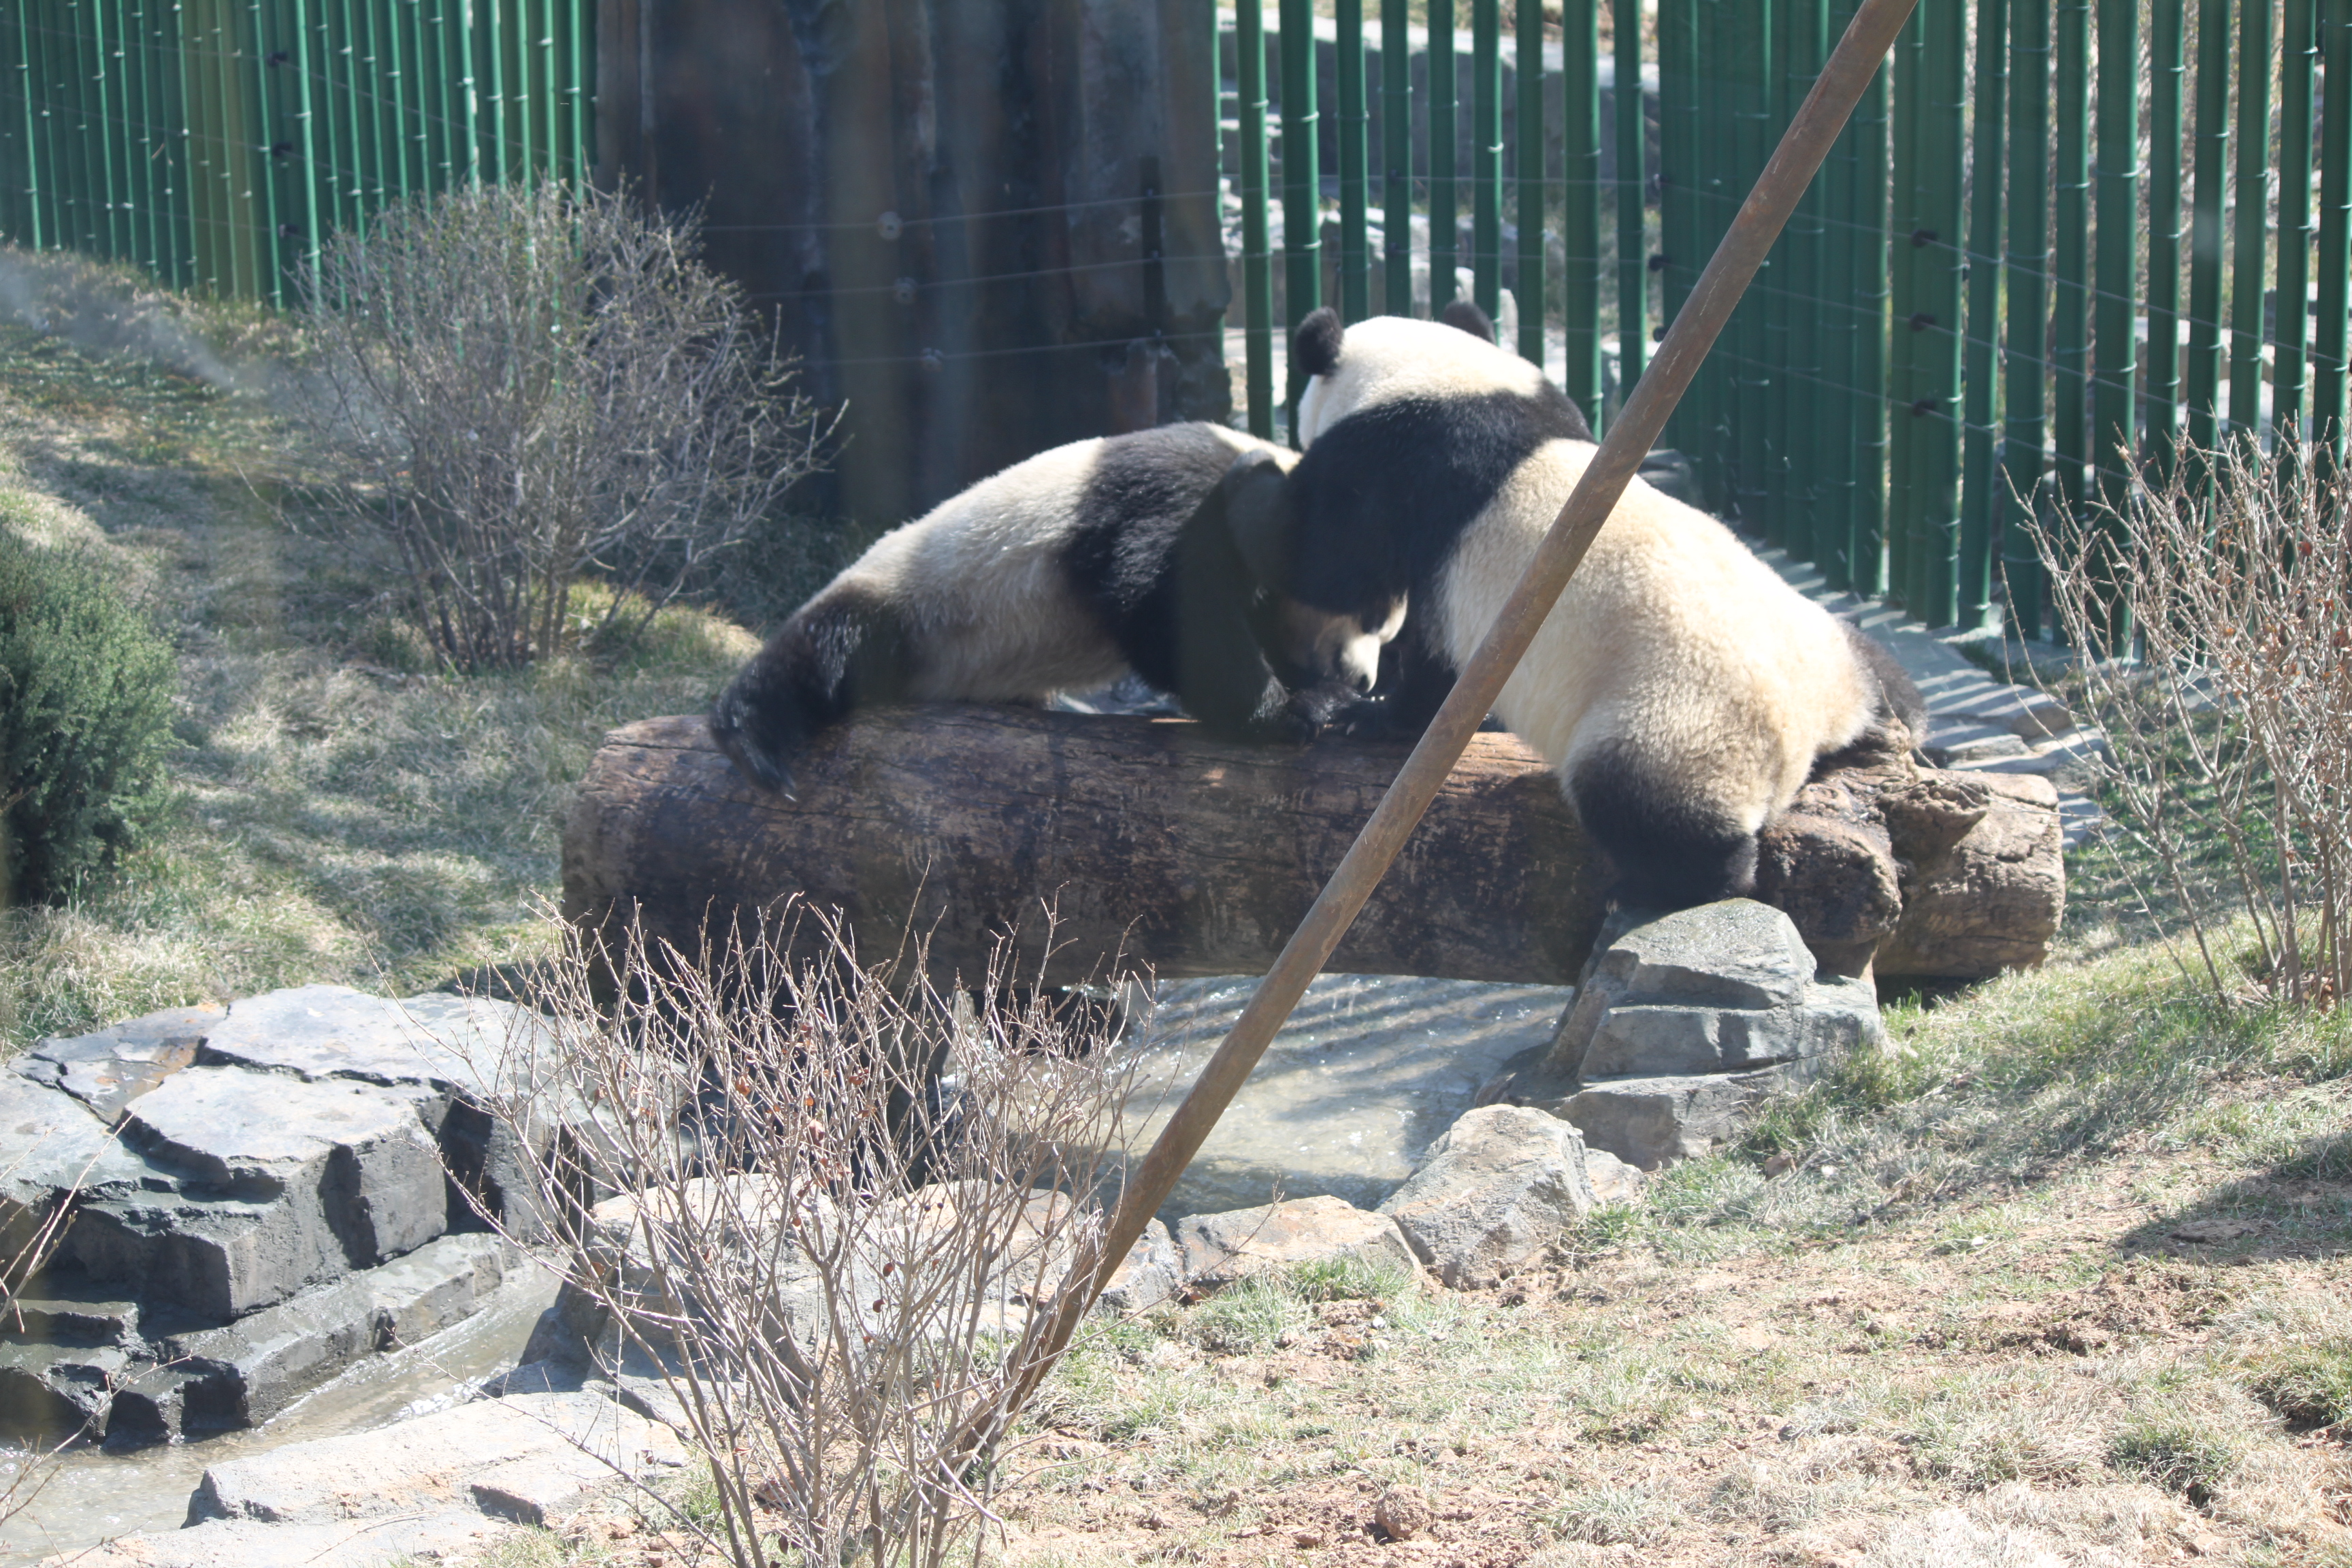 武林萌主大熊猫【取景于大连森林动物园熊猫馆】